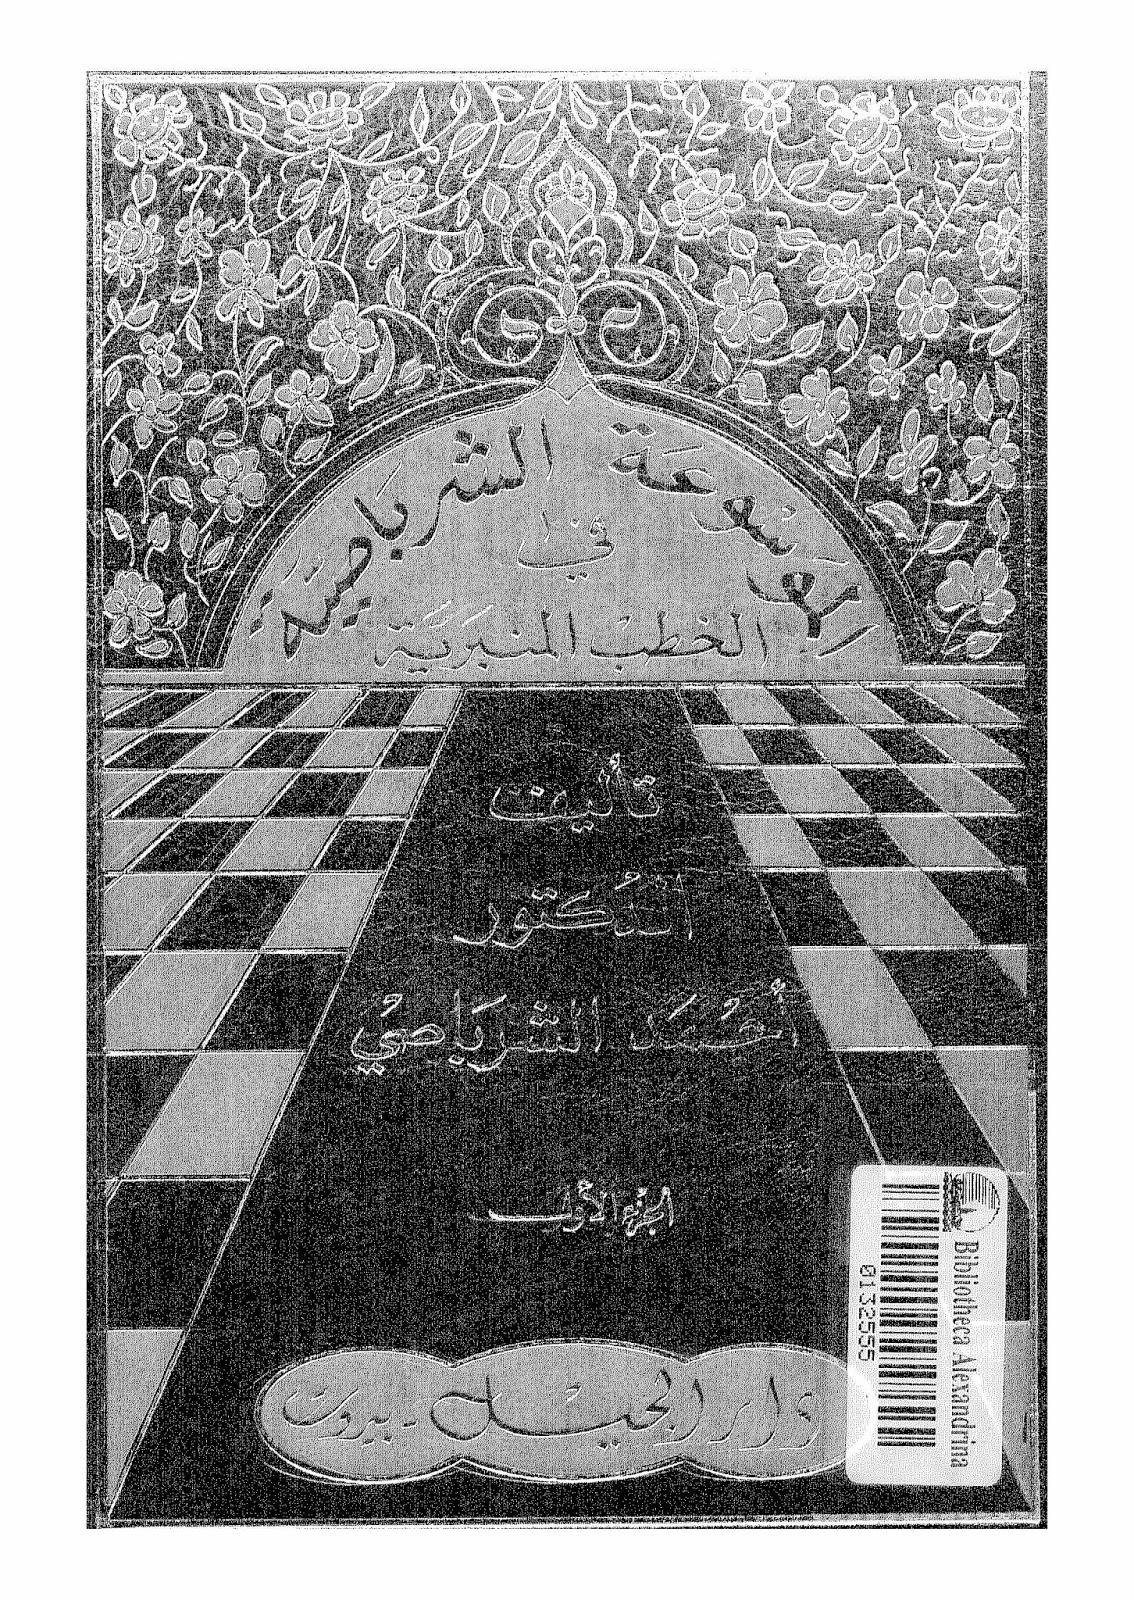 الموسوعة الشرباصية في الخطب المنبرية لـ أحمد الشرباصي